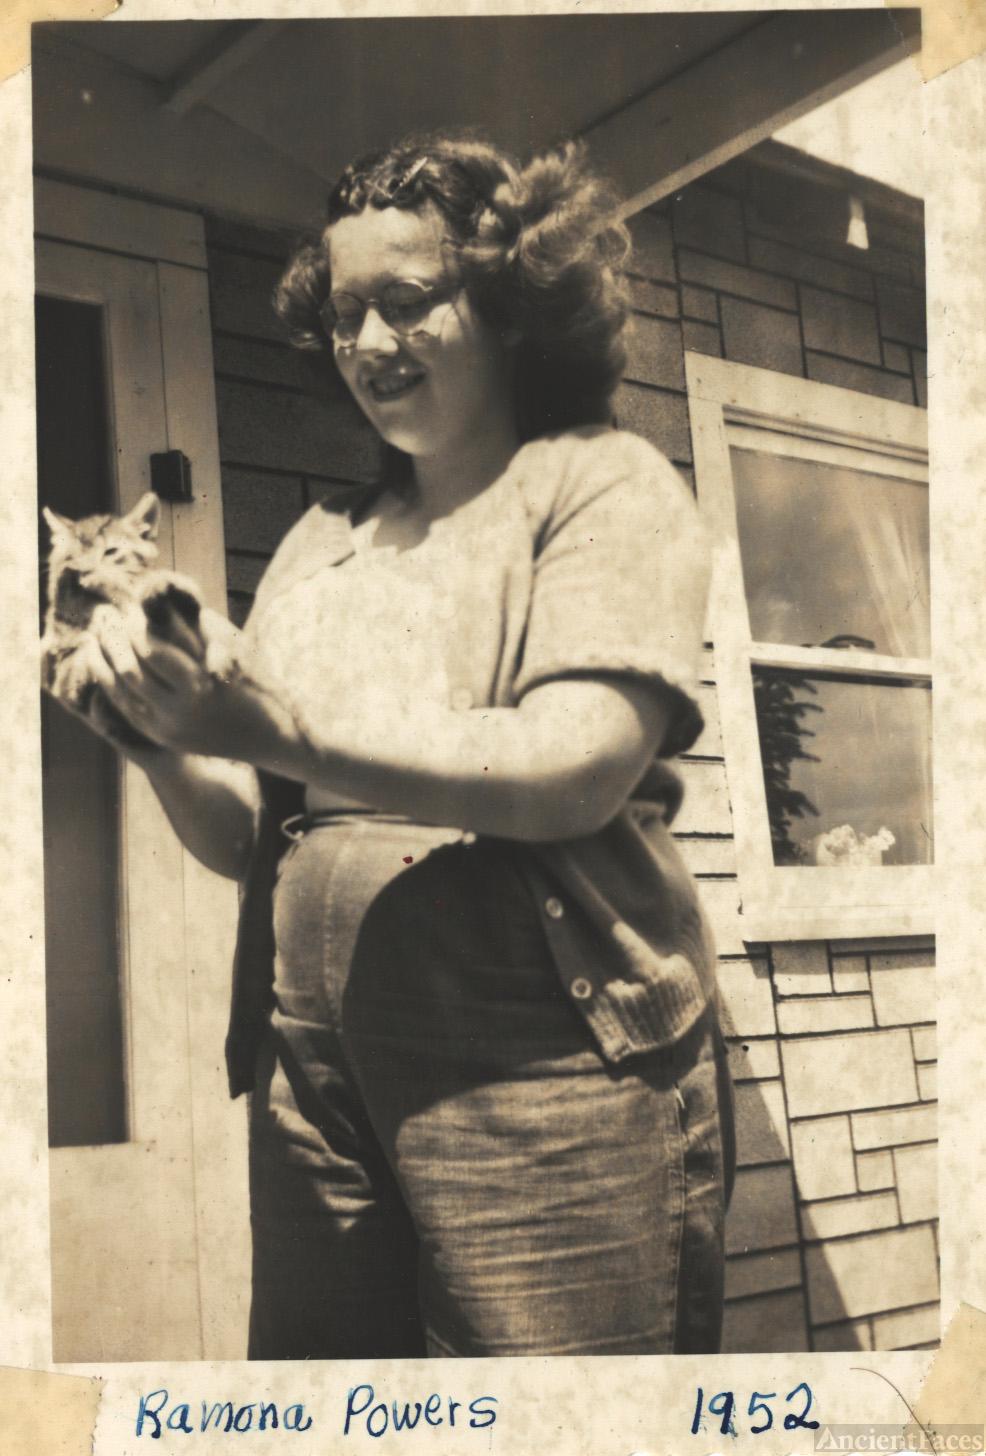 Ramona Powers 1953